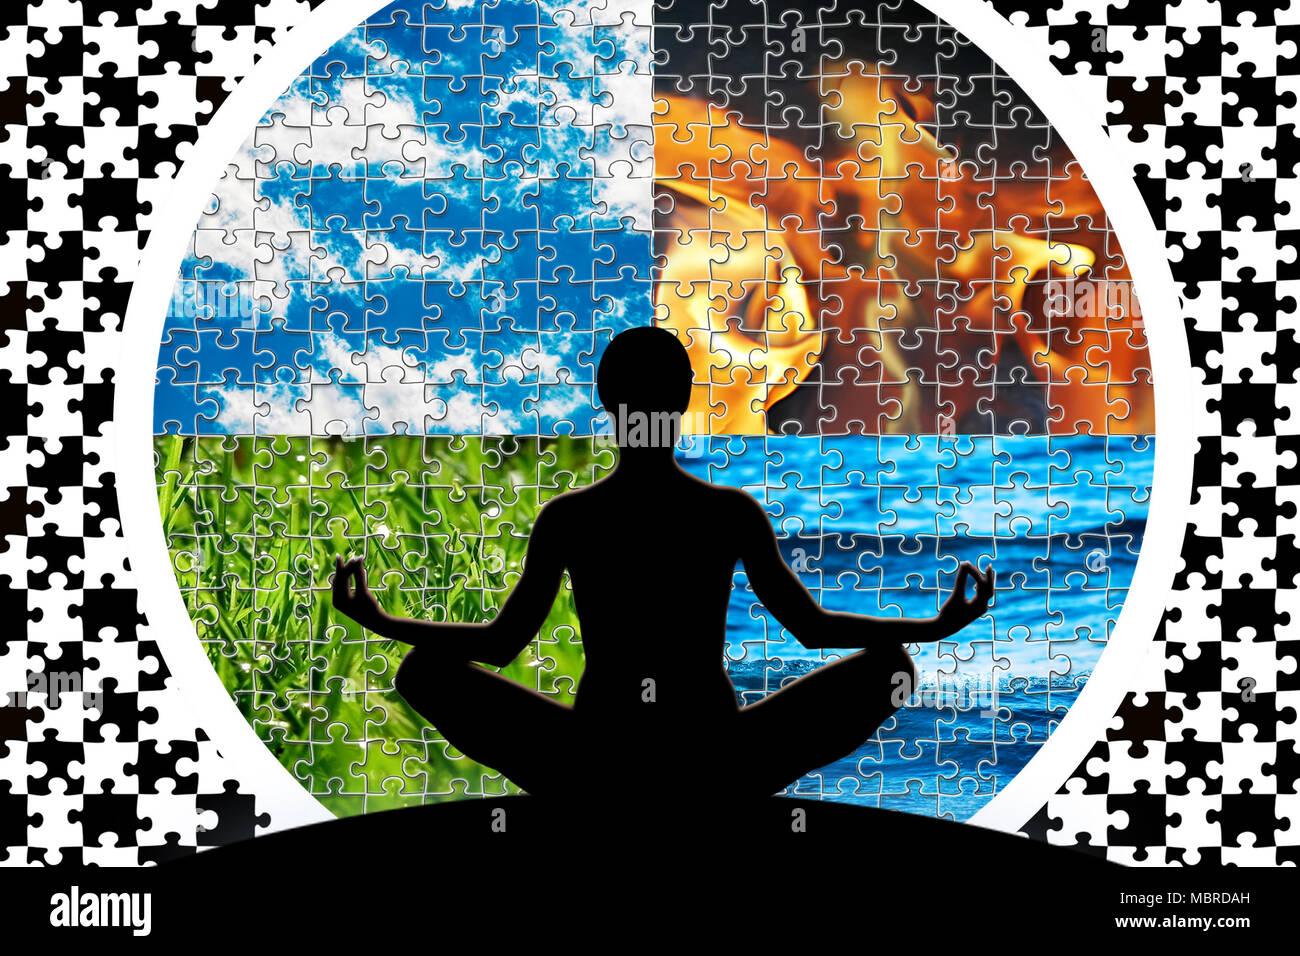 Weibliche Yoga Abbildung In Einem Kreis Aus Vier Puzzleschnitt